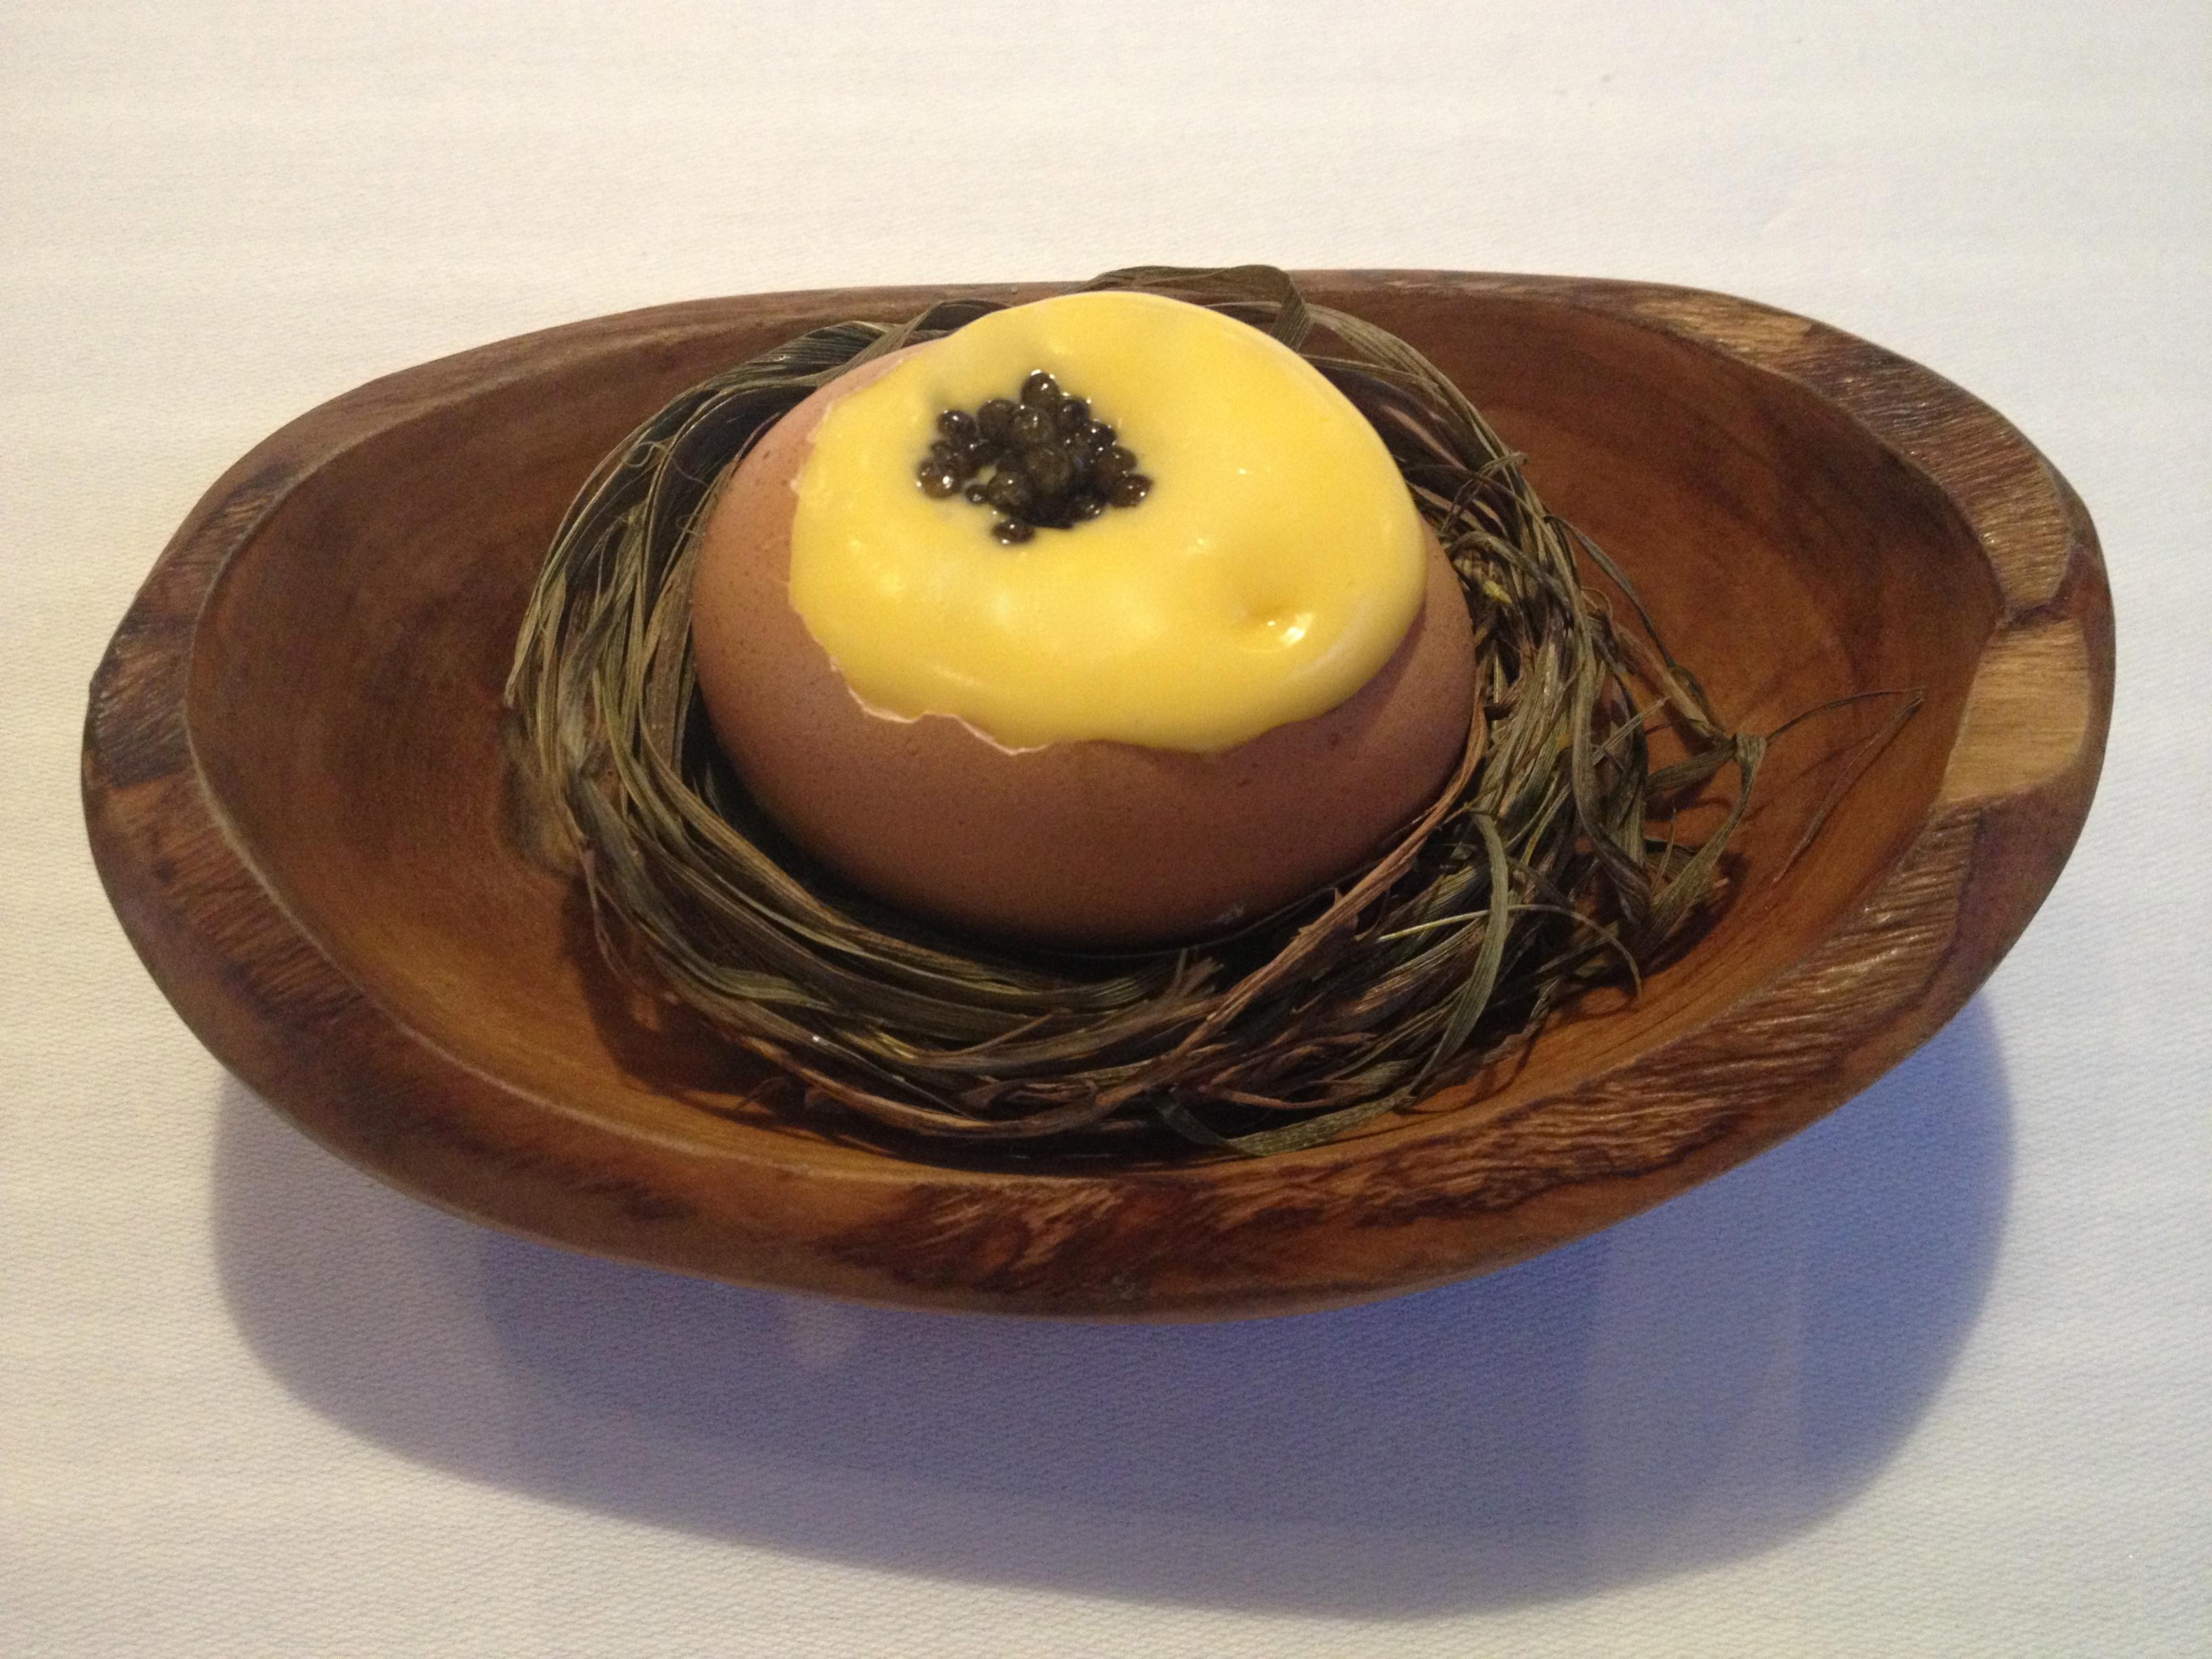 Egg yolk amuse bouche